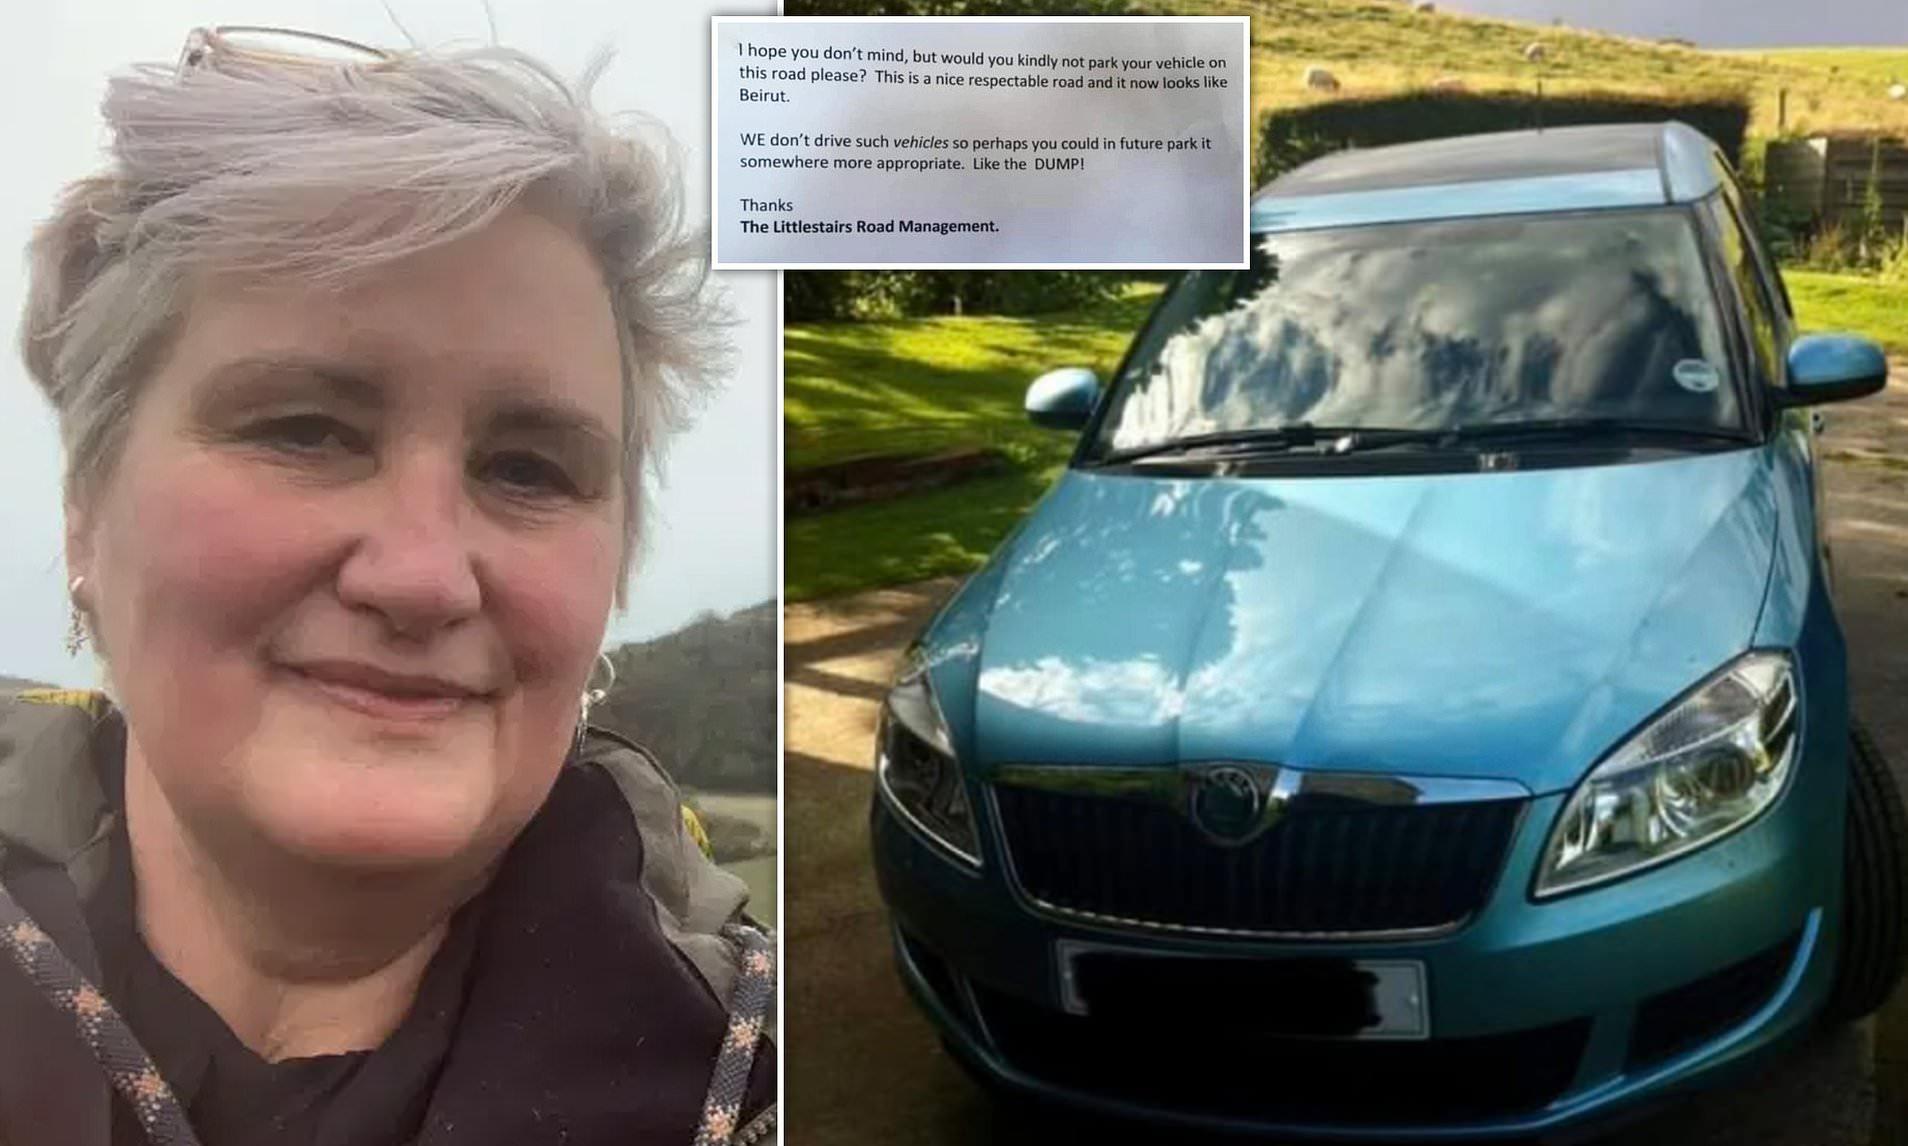 Cetlit kapott a Skodájára a brit nő, hogy ez az autó inkább illik Bejrútba, mint a felkapott környékre